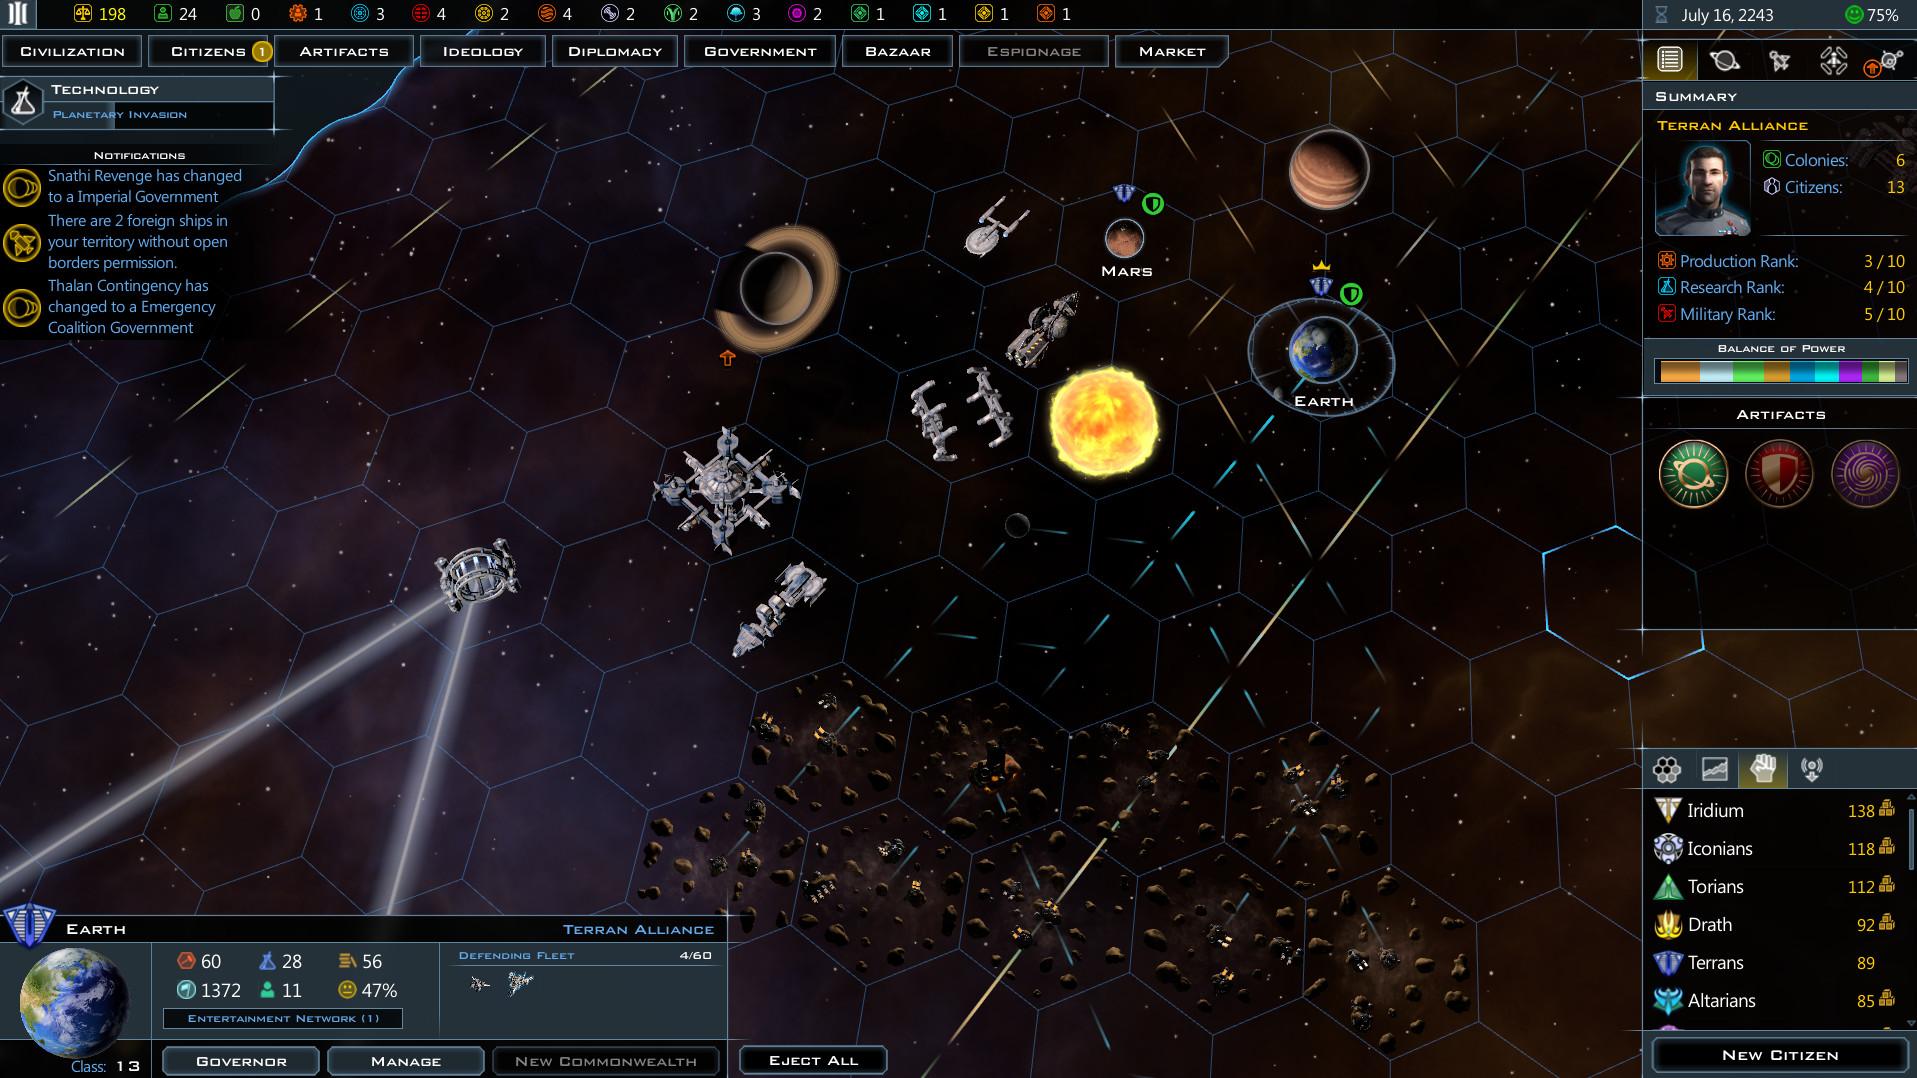 galactic-civilizations-iii-ucretsiz-oluyor